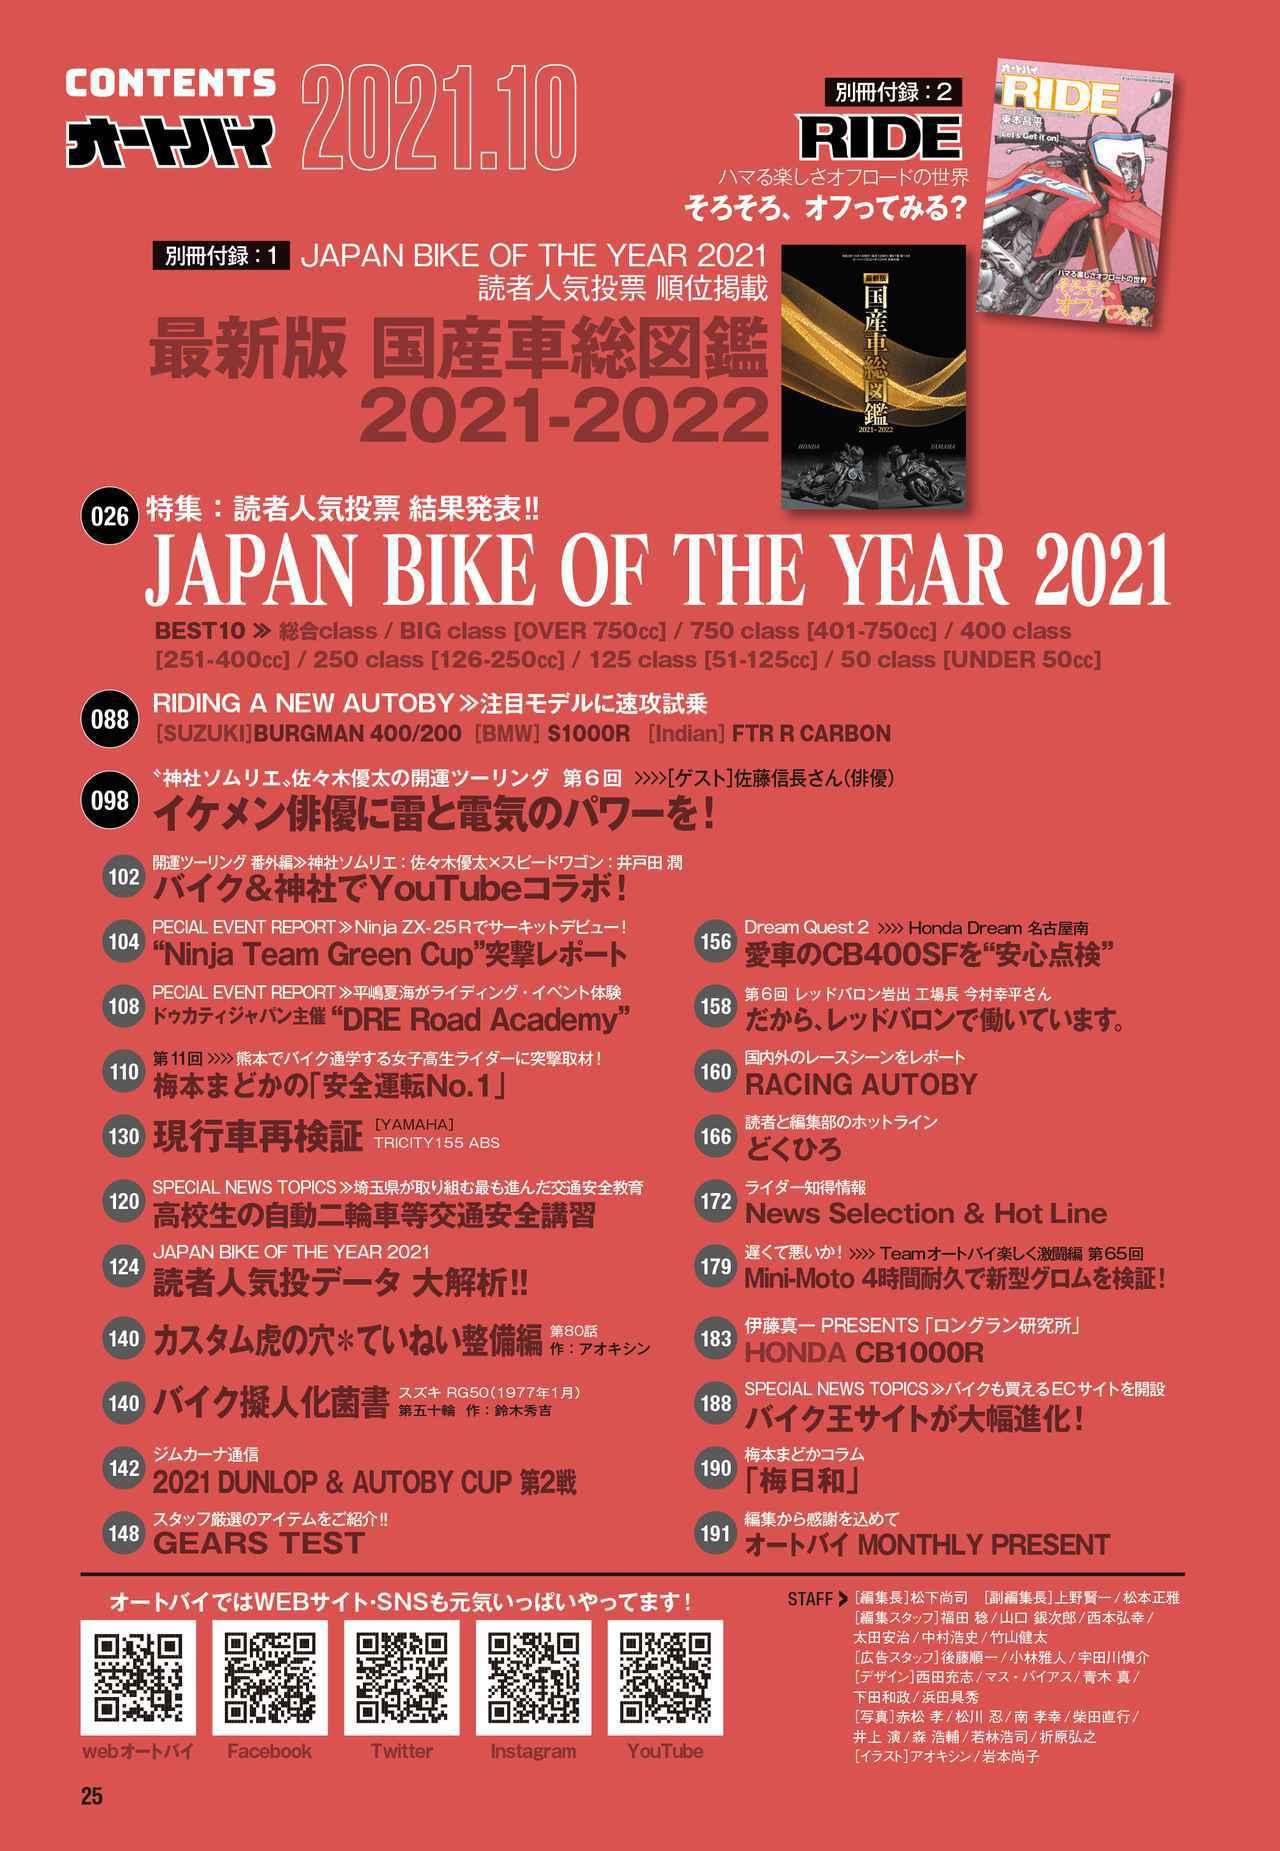 画像3: 「ジャパン・バイク・オブ・ザ・イヤー 2021」の結果を発表! 月刊『オートバイ』10月号でいま最も人気のバイクが分かります!